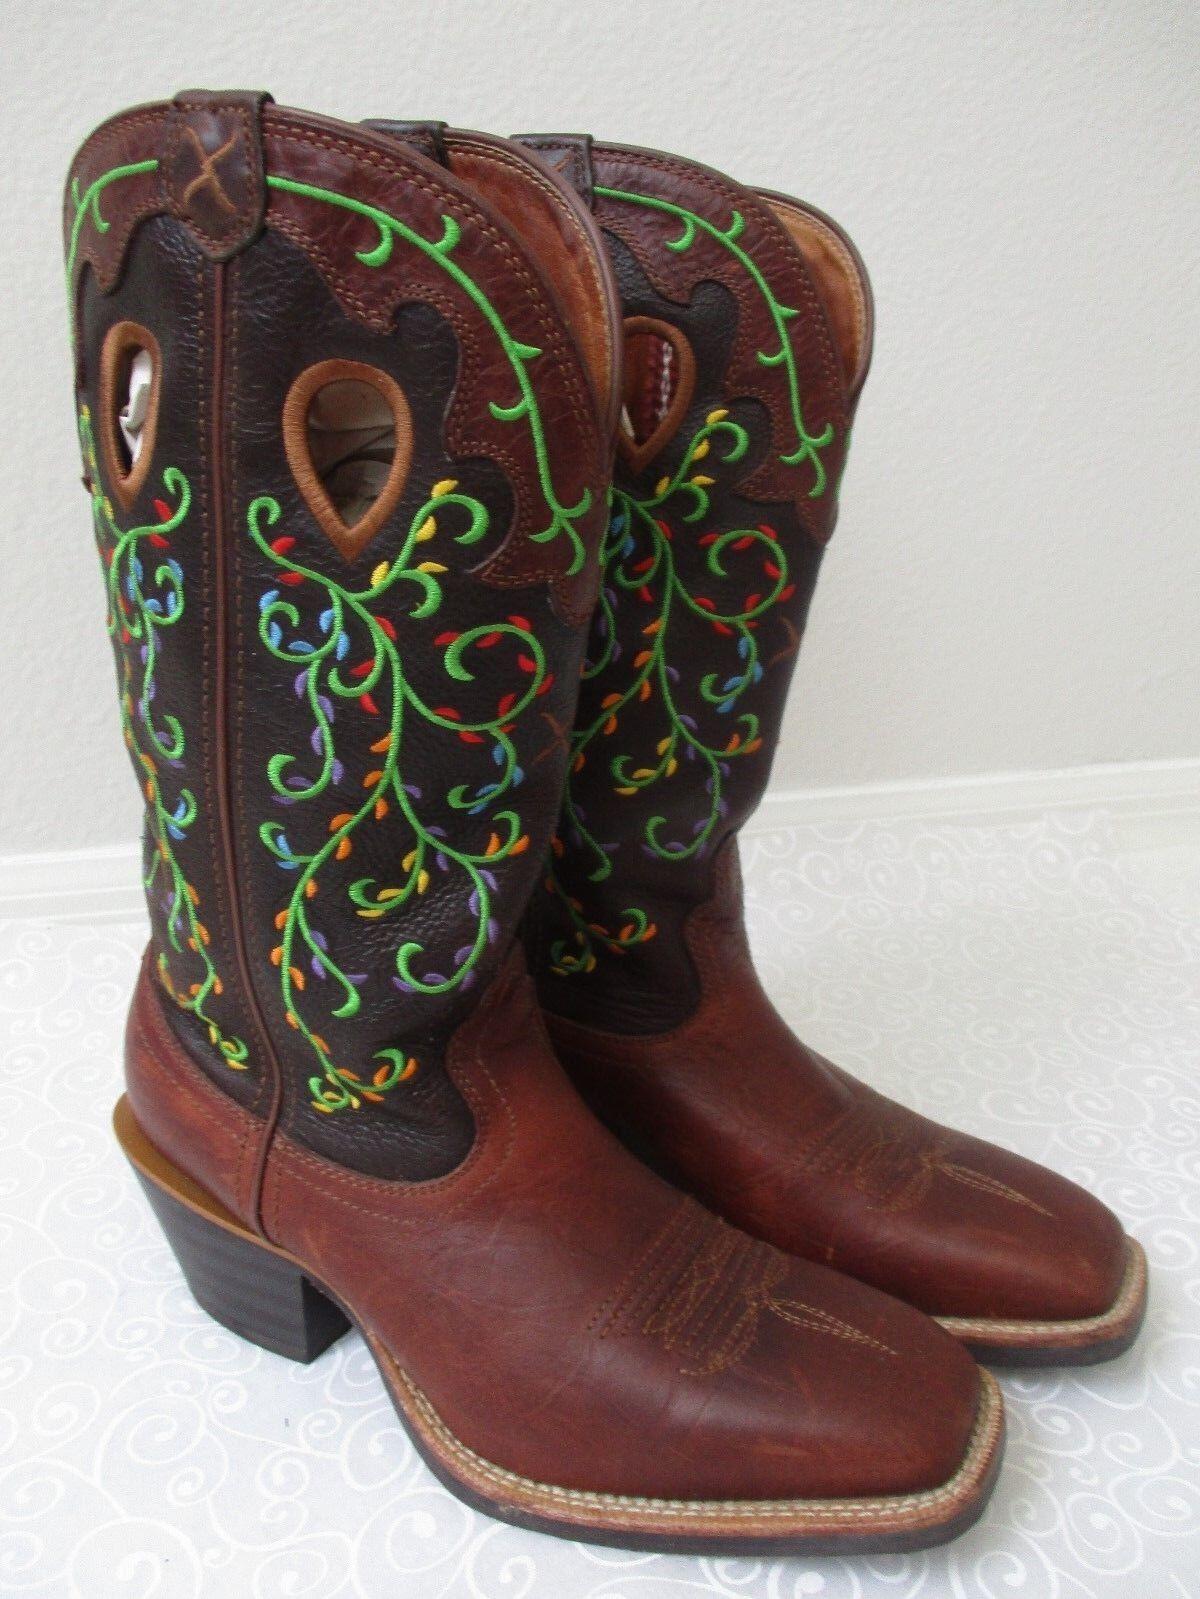 Trenzado X botas de estilo vaquero bordado Marrón Talla Talla Talla 9 M  marca